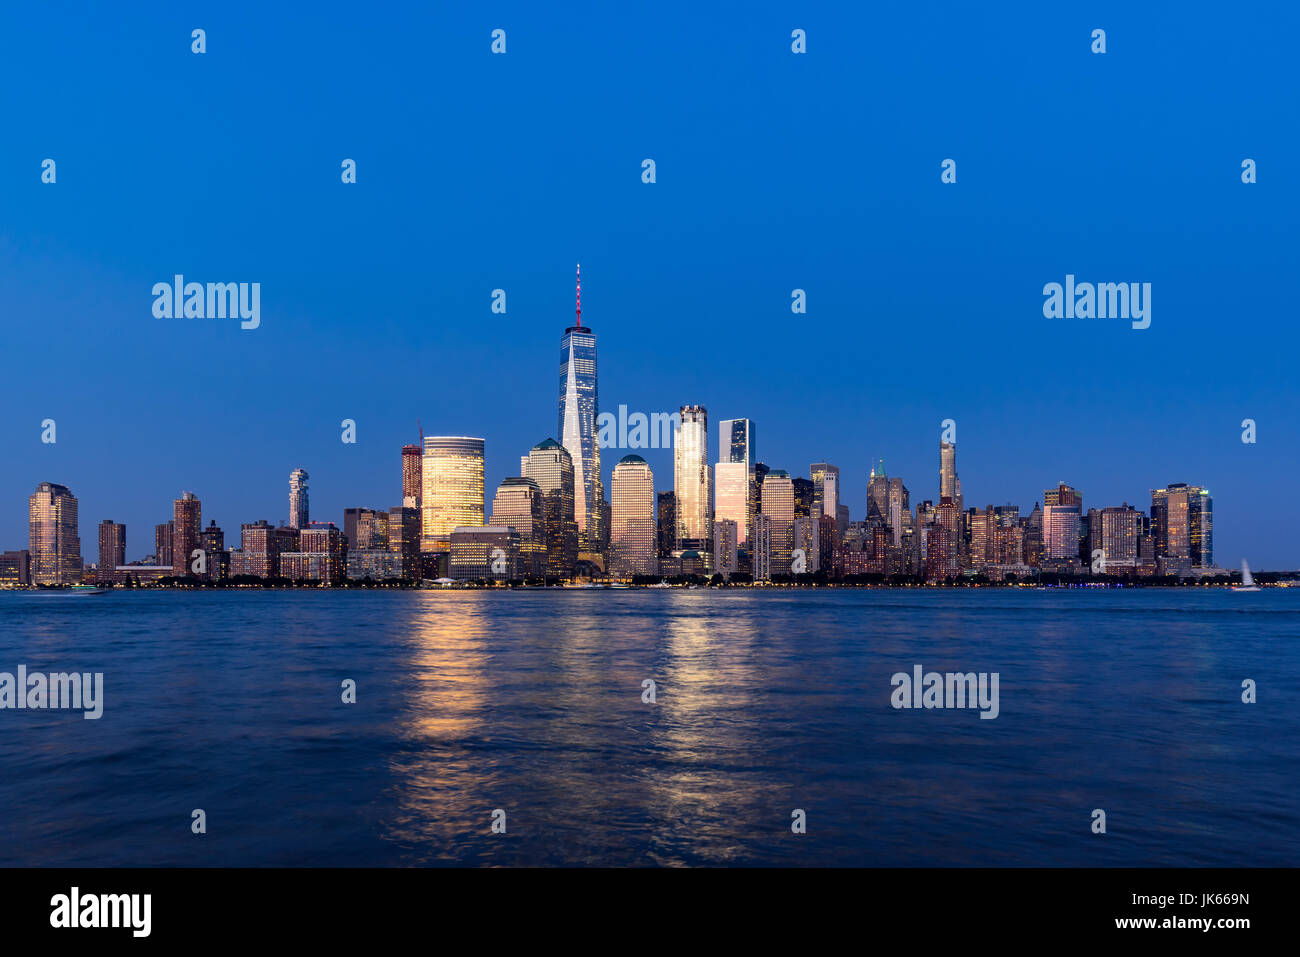 New York City Financial District grattacieli e sul fiume Hudson al crepuscolo. La parte inferiore di Manhattan Immagini Stock